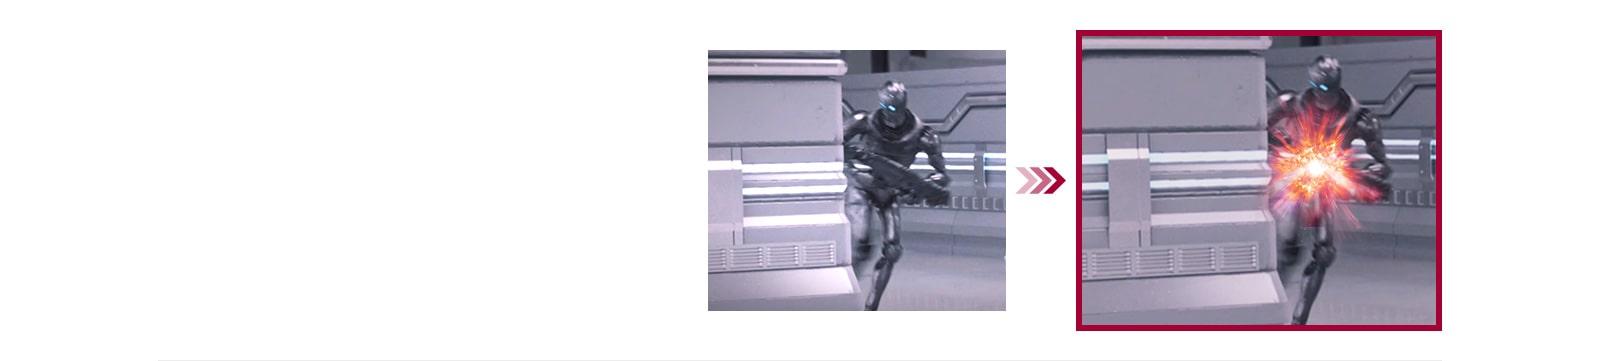 Una comparación de dos escenas de juego entre el modo convencional y el modo Dynamic Action Sync con el retraso de entrada minimizado